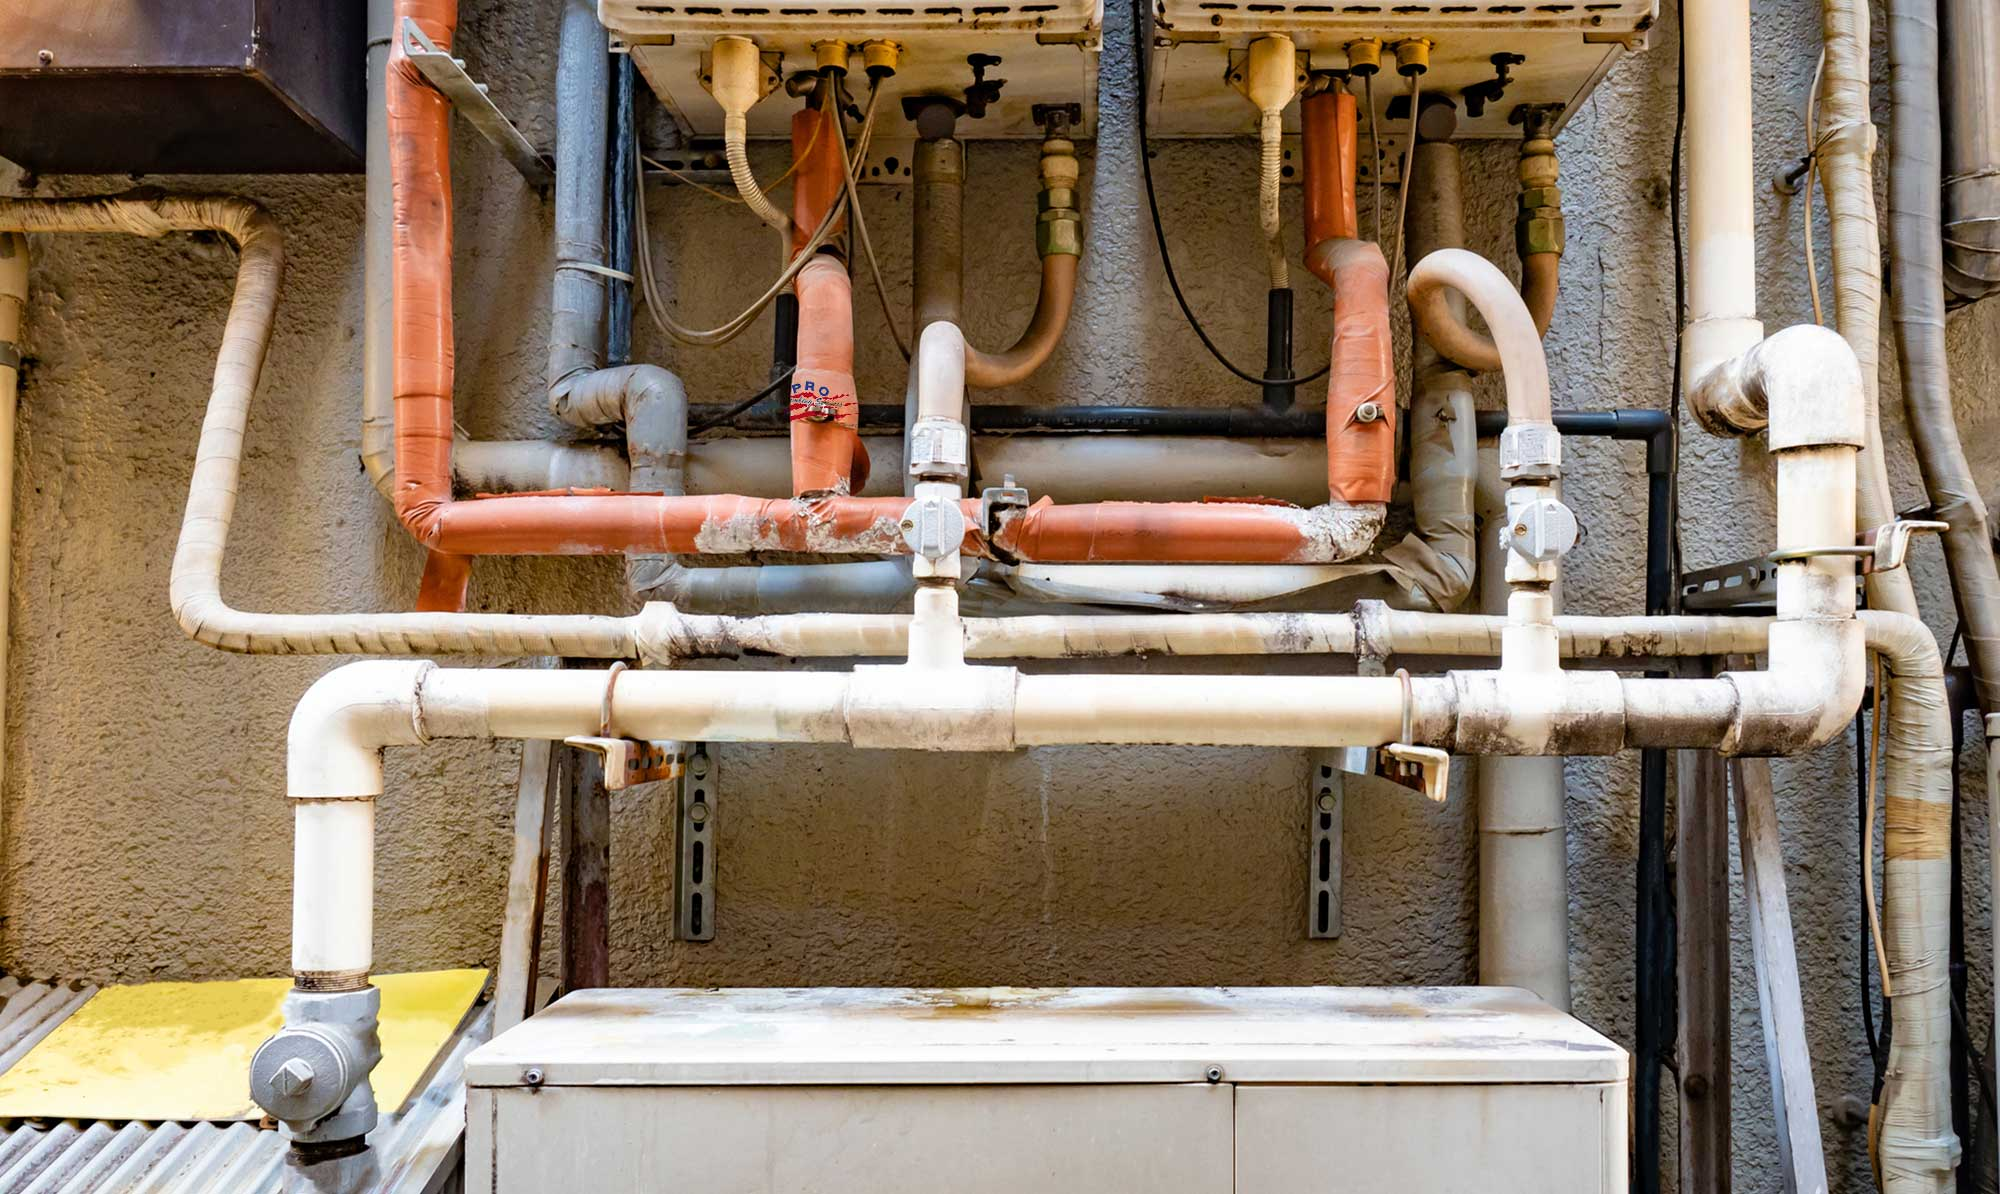 gasline-installation